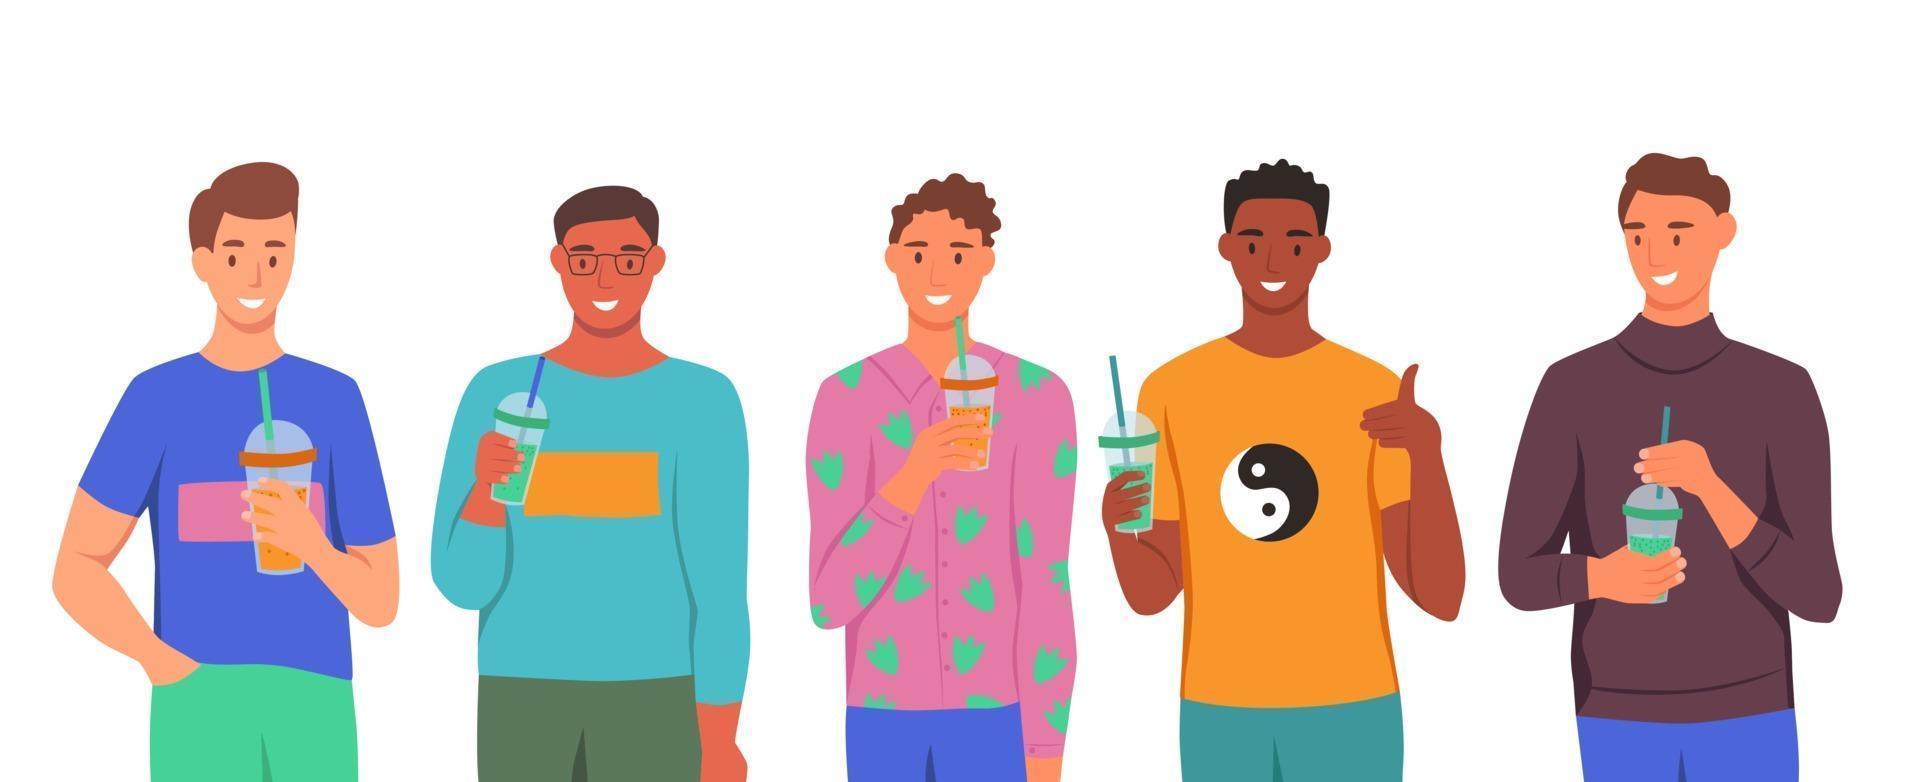 en uppsättning karaktärer. unga män dricker smoothies, färsk juice, en cocktail. begreppet rätt näring, hälsosam livsstil. platt tecknad illustration. vektor